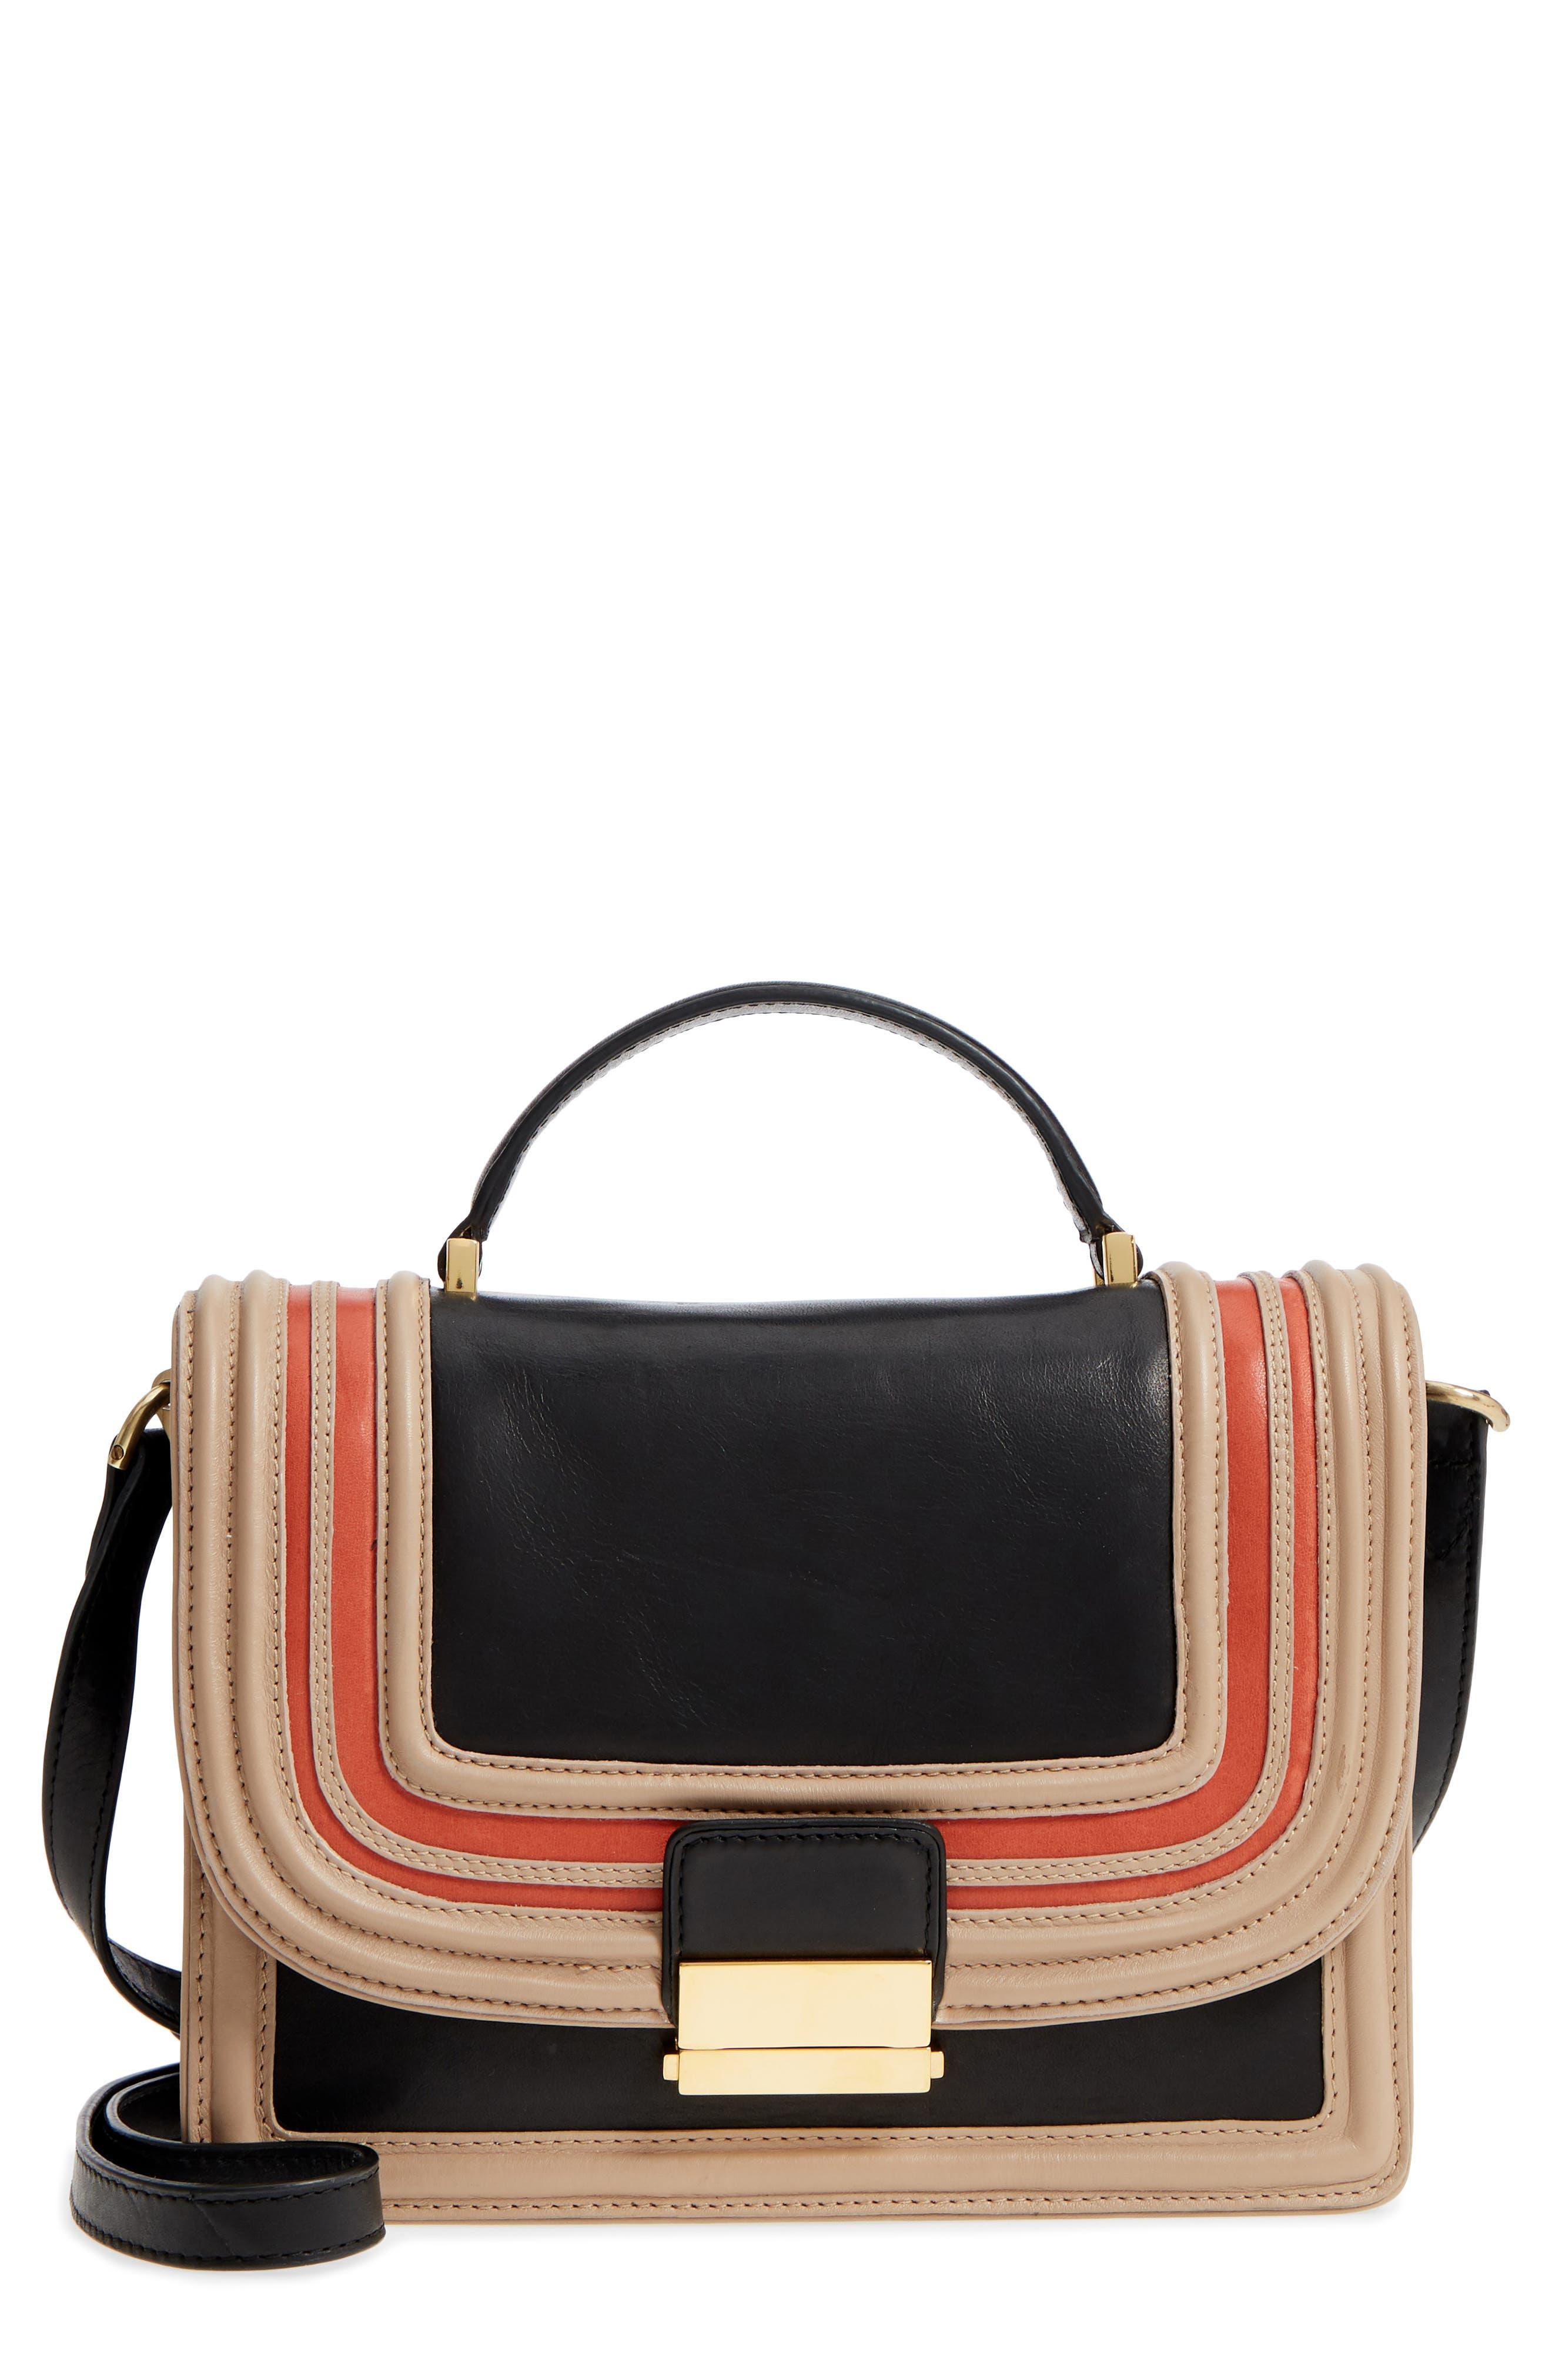 Small Square Top Handle Handbag,                             Main thumbnail 1, color,                             Black